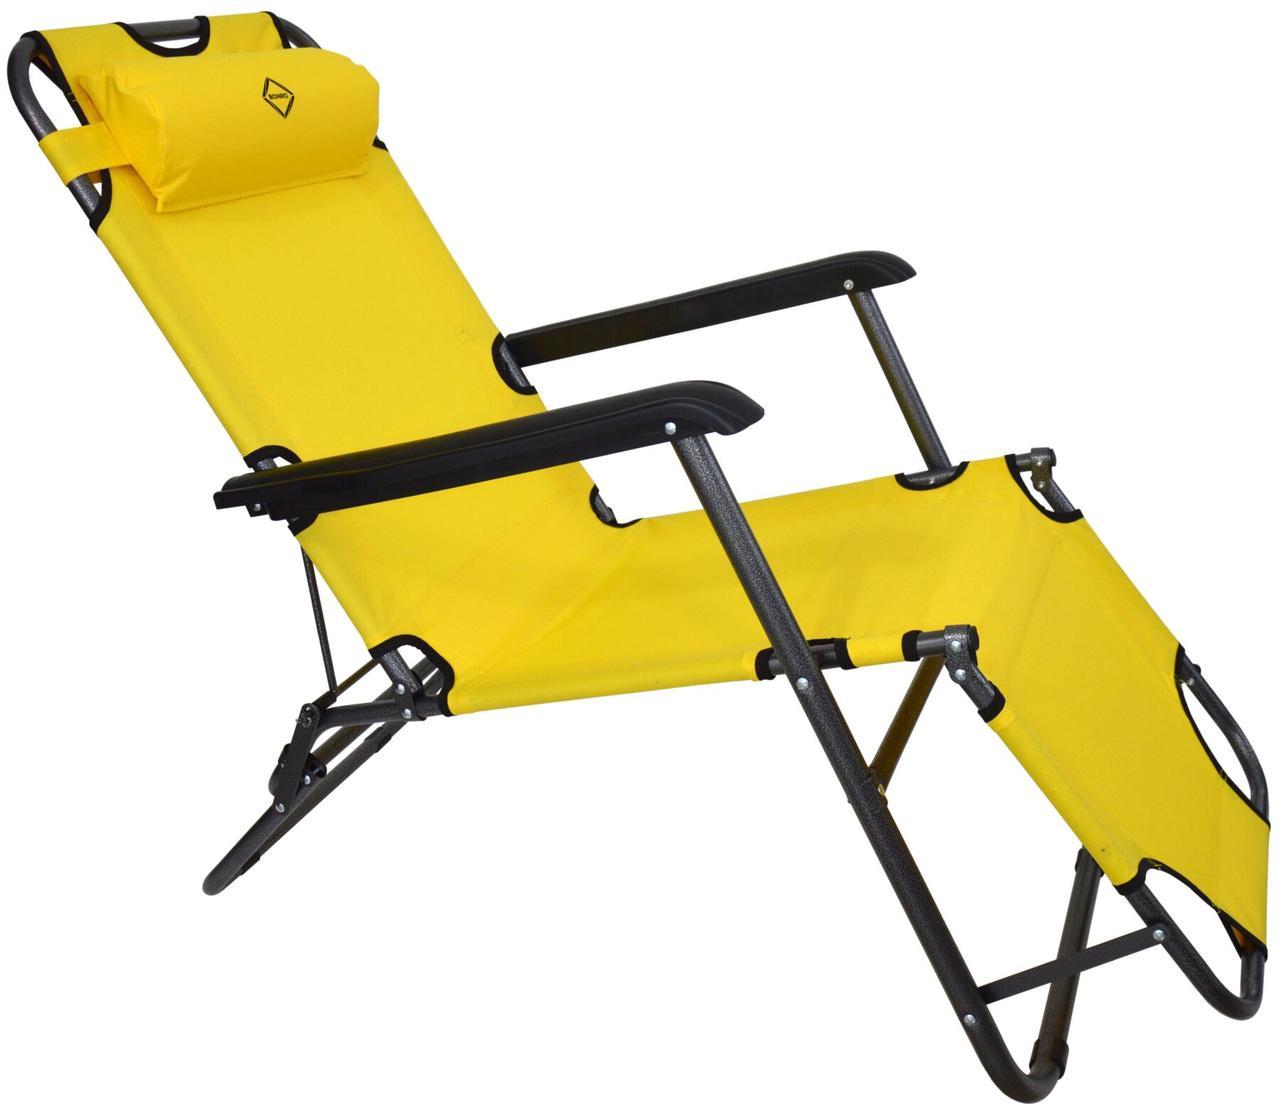 Шезлонг лежак стальной прочный садовое кресло на 153 см раскладное желтое с подголовником нагрузкой до 100 кг